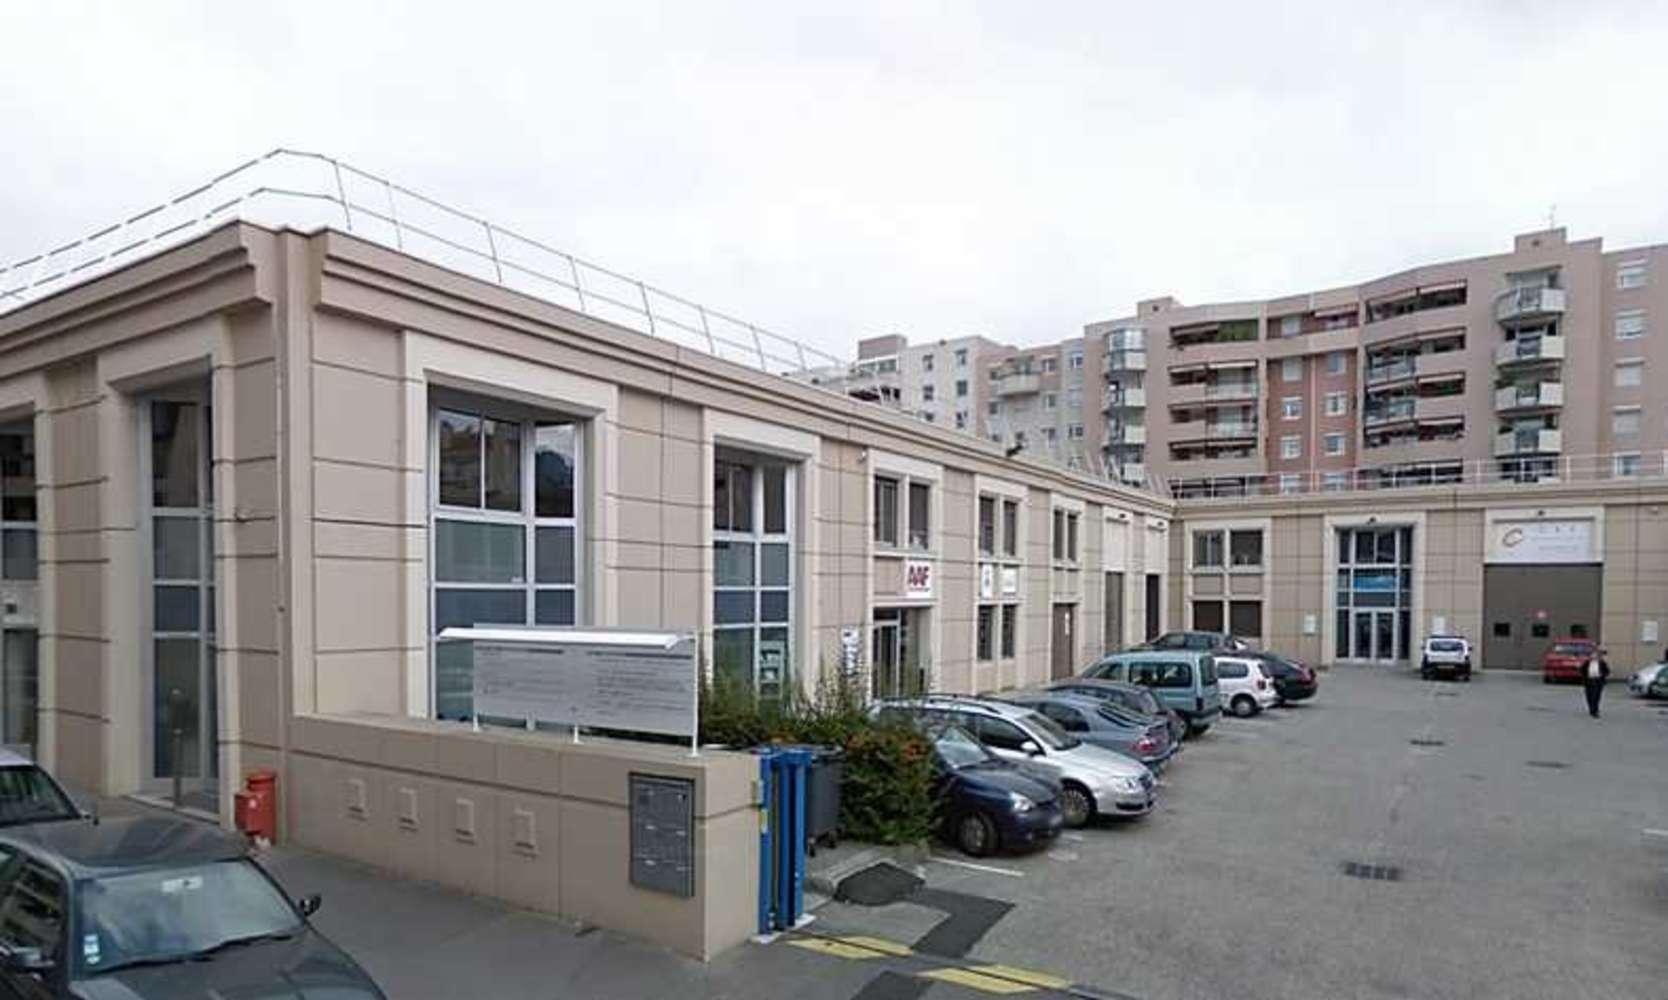 Activités/entrepôt Villeurbanne, 69100 - LOCATION LOCAUX D'ACTIVITÉ VILLEURBANNE - 10345857